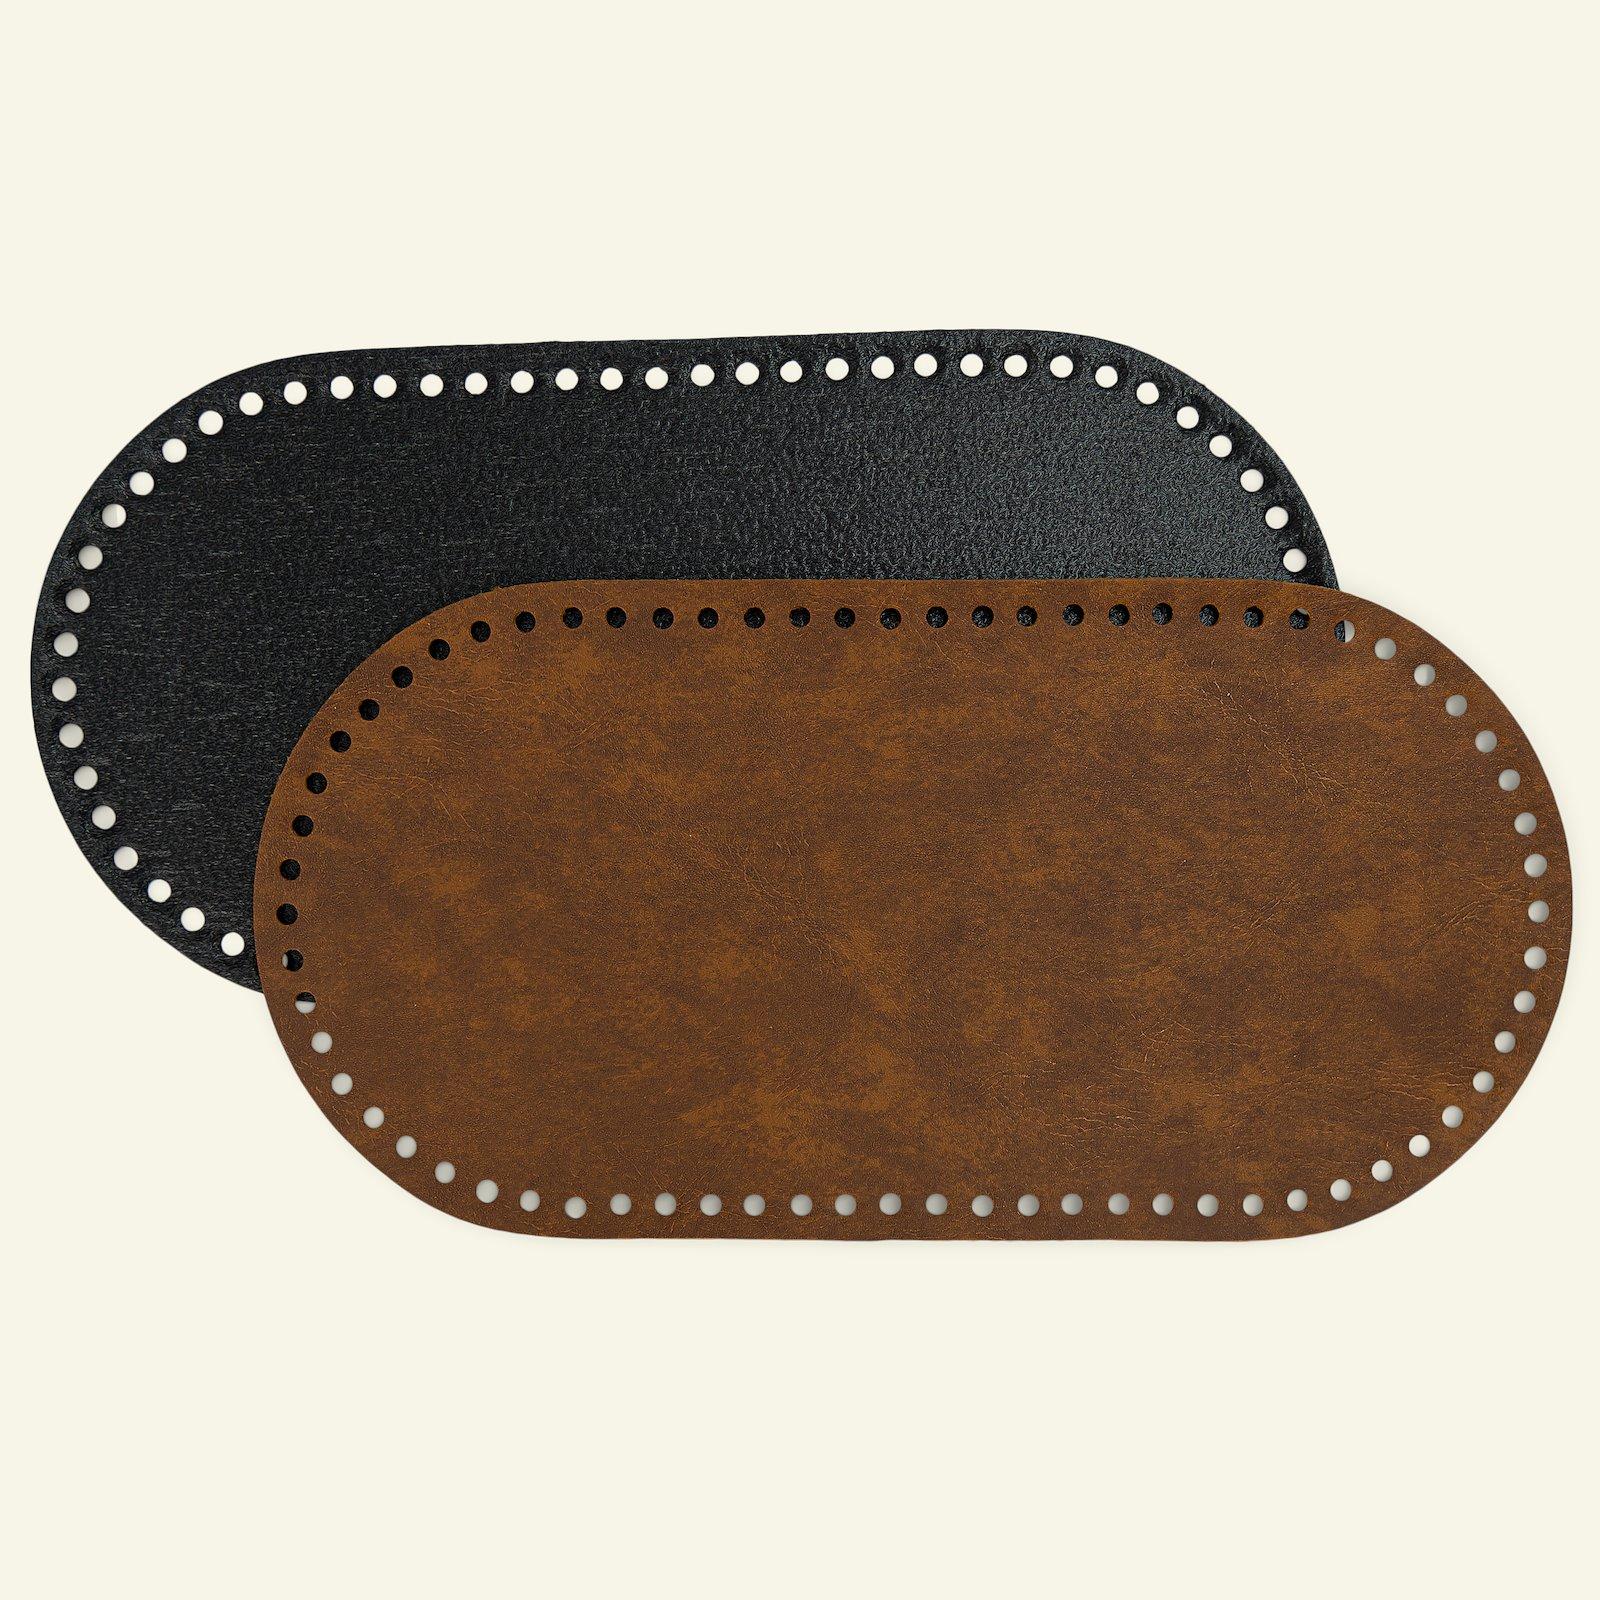 FRAYA Taschen-/Korbboden 15x30cm Br, St. 83312_pack